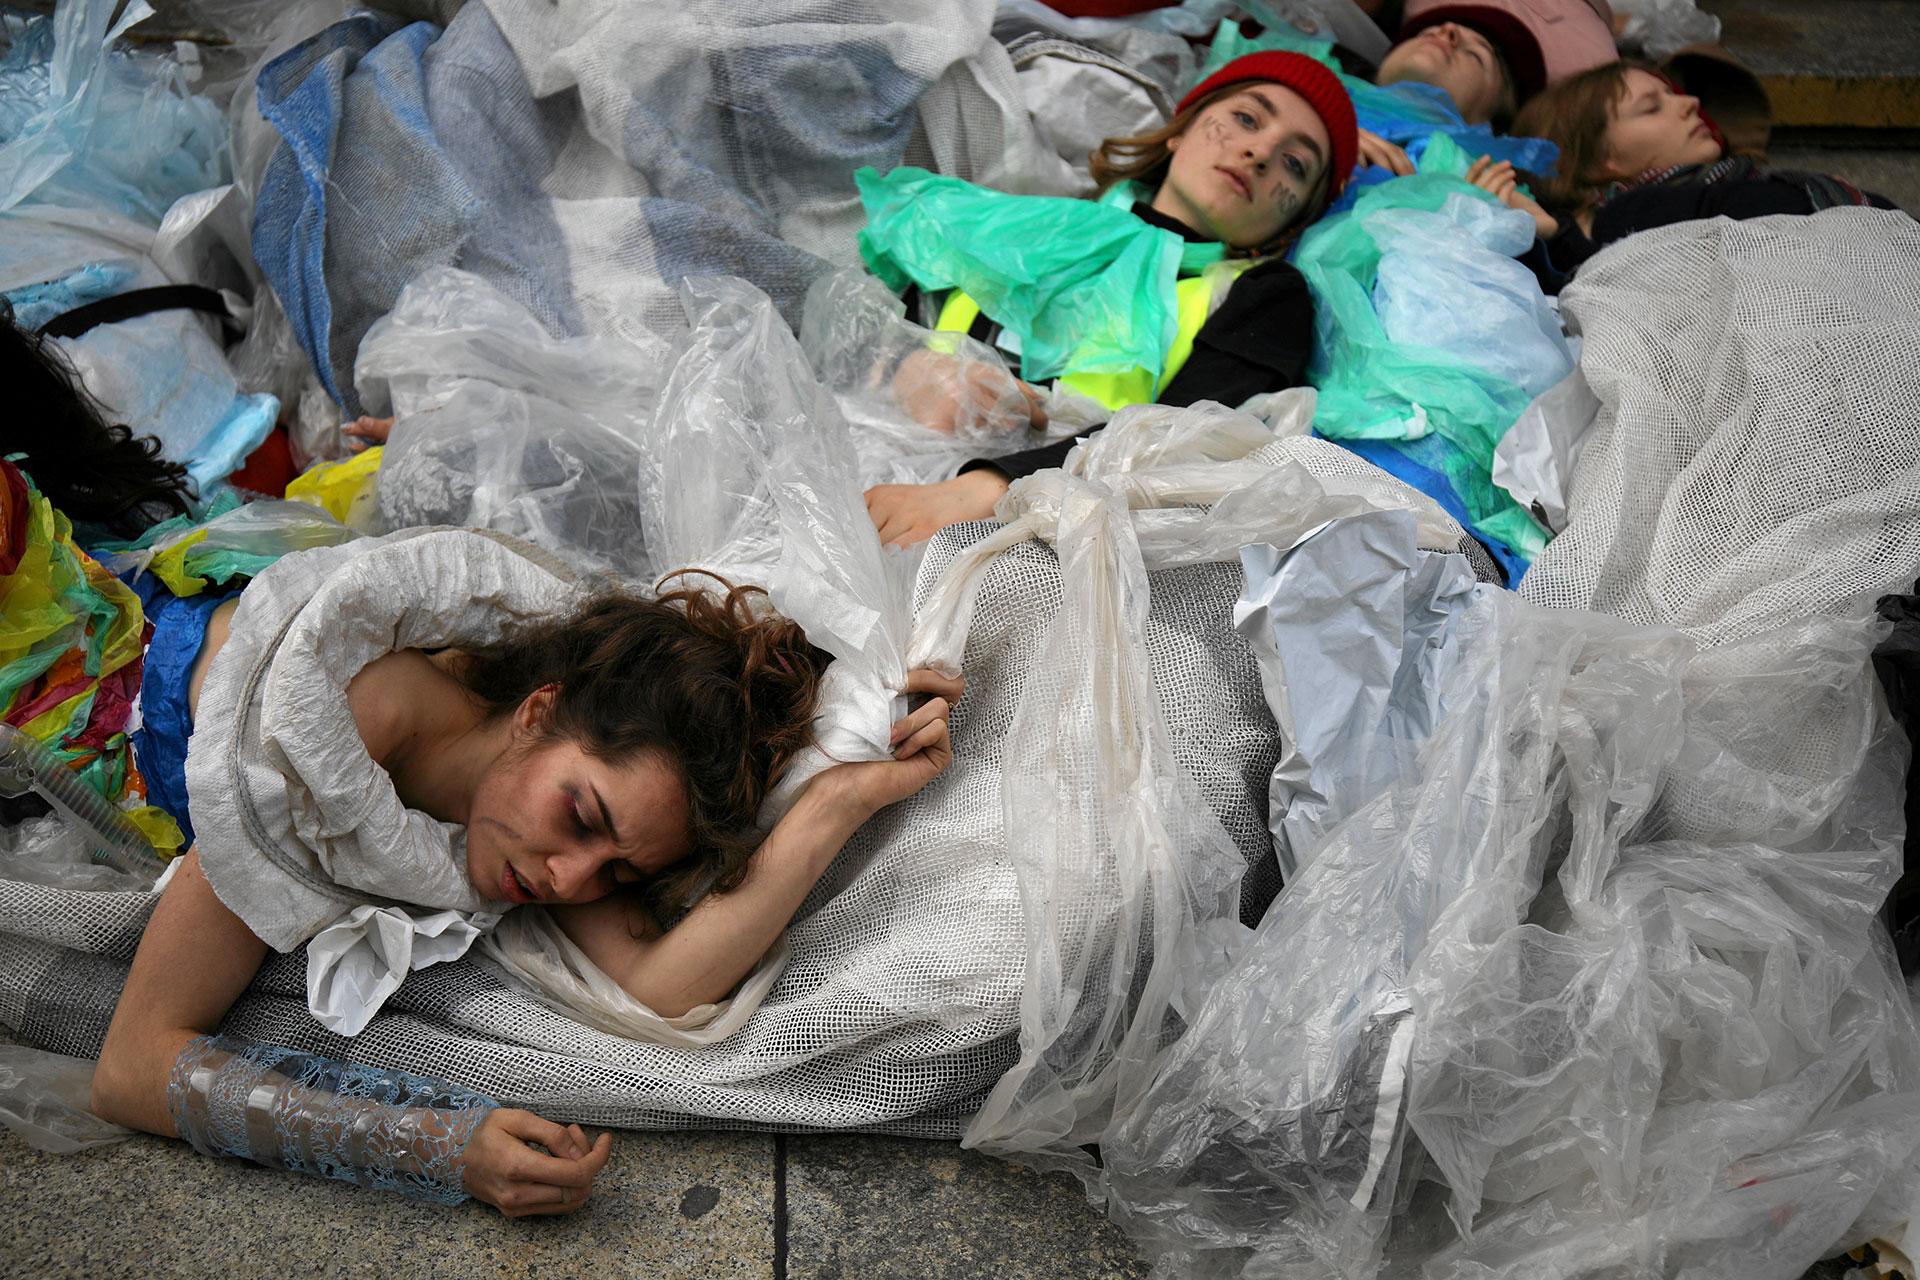 Jóvenes realizaron una performance durante una manifestación ambiental, parte de la Huelga Climática Global, en Varsovia, Polonia (Maciek Jazwiecki/Agencja Gazeta via REUTERS)